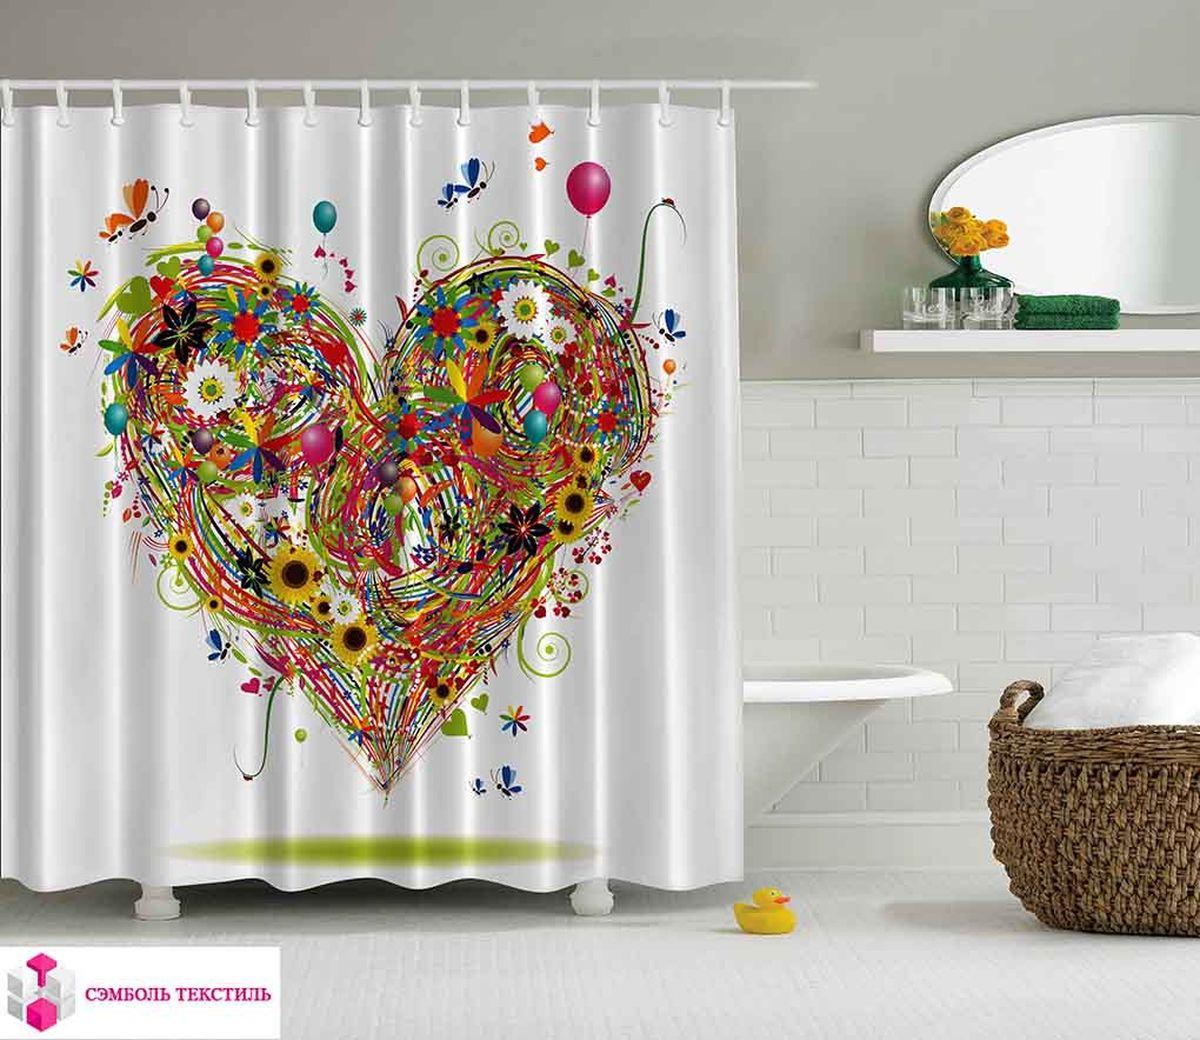 Штора для ванной комнаты Magic Lady Цветочное сердце, 180 х 200 см. шв_2693шв_12222Штора Magic Lady Цветочное сердце, изготовленная из высококачественного сатена (полиэстер 100%), отлично дополнит любой интерьер ванной комнаты. При изготовлении используются специальные гипоаллергенные чернила для прямой печати по ткани, безопасные для человека.В комплекте: 1 штора, 12 крючков. Обращаем ваше внимание, фактический цвет изделия может незначительно отличаться от представленного на фото.